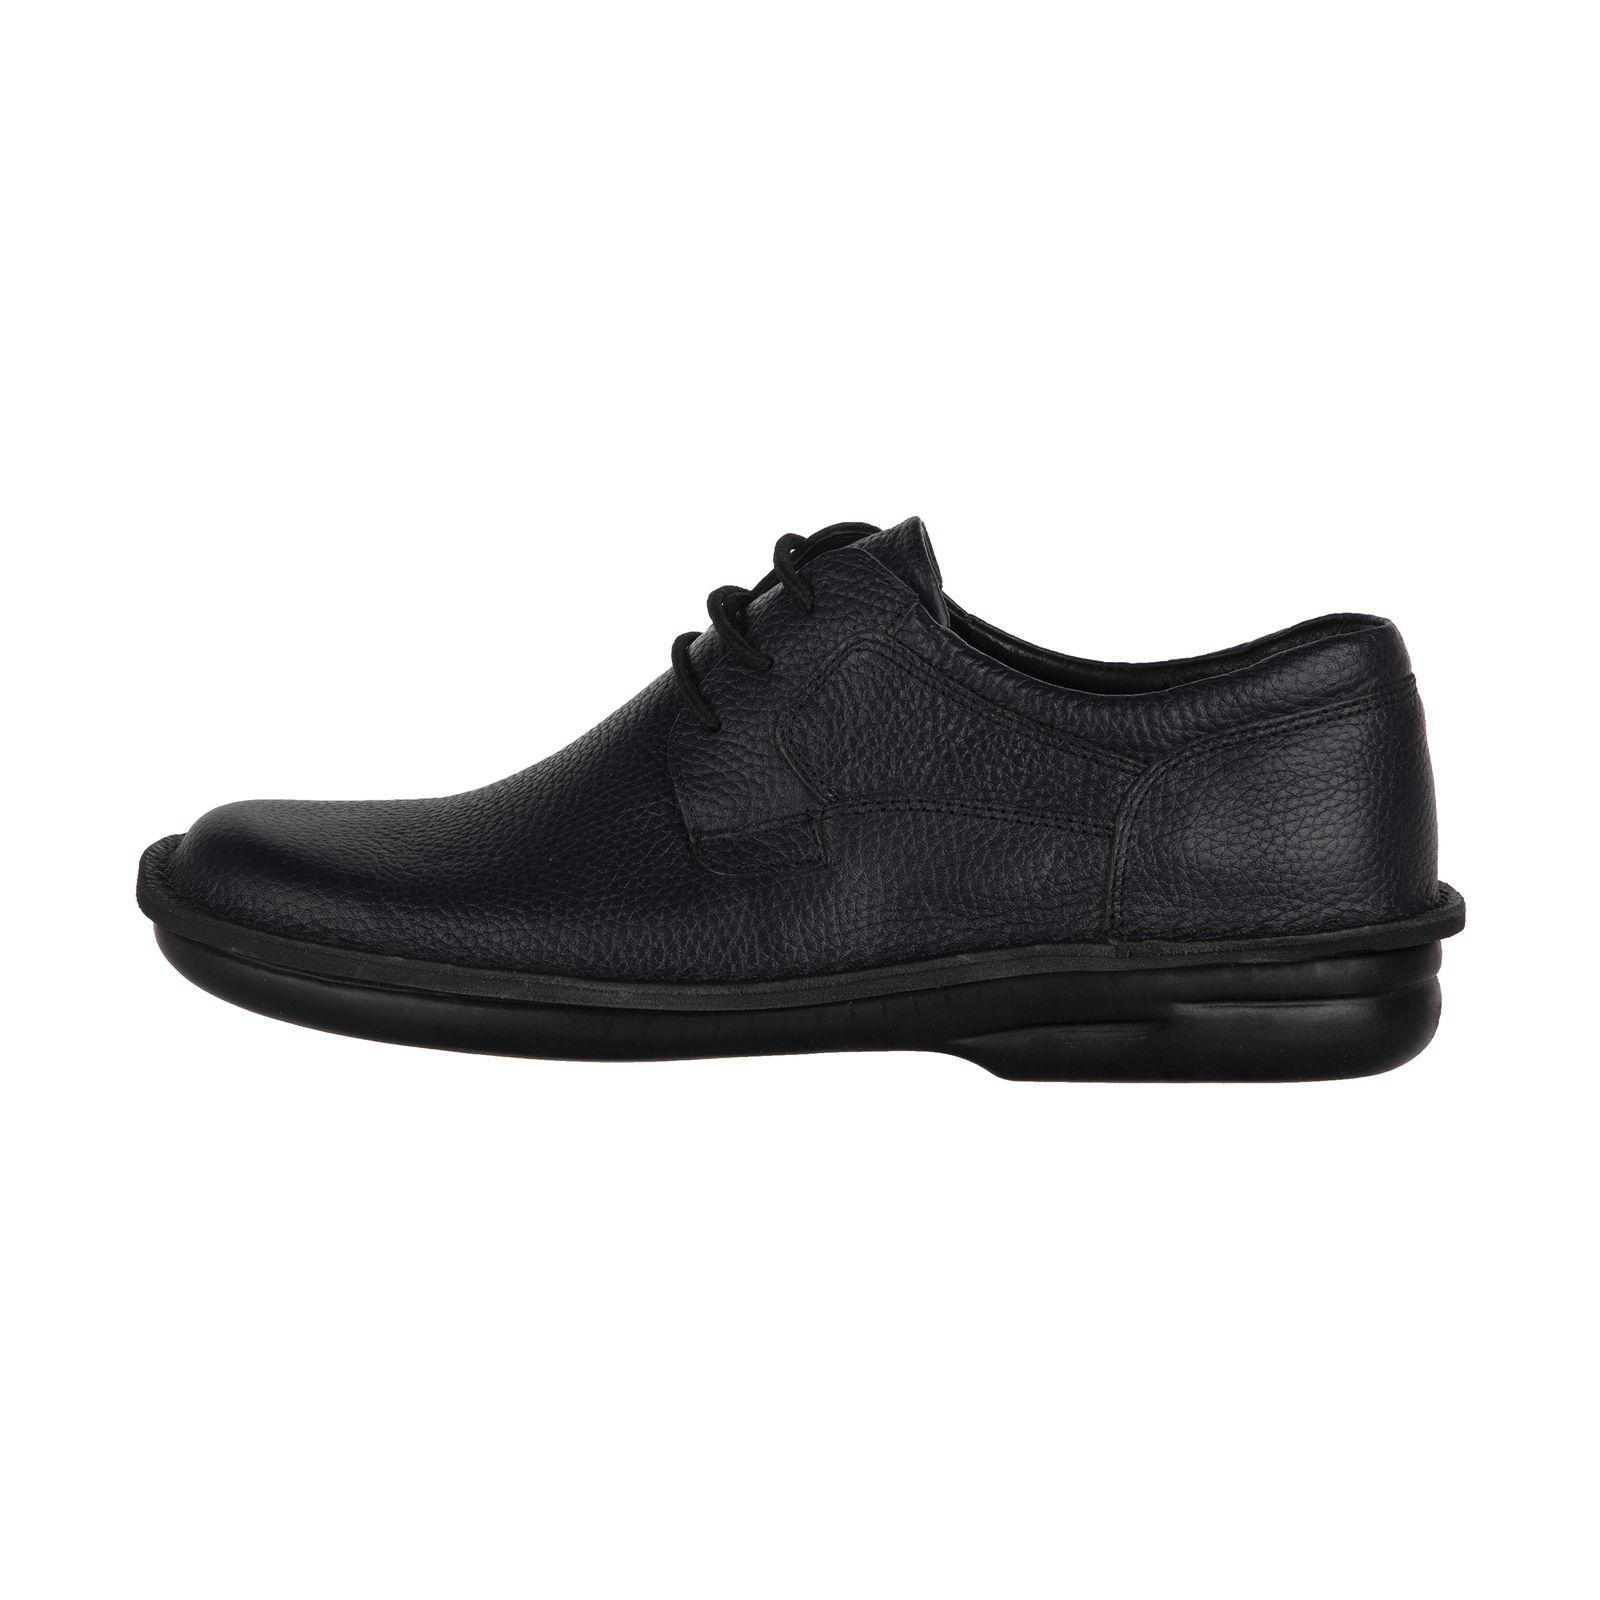 کفش روزمره مردانه سوته مدل 4789A501103 -  - 2